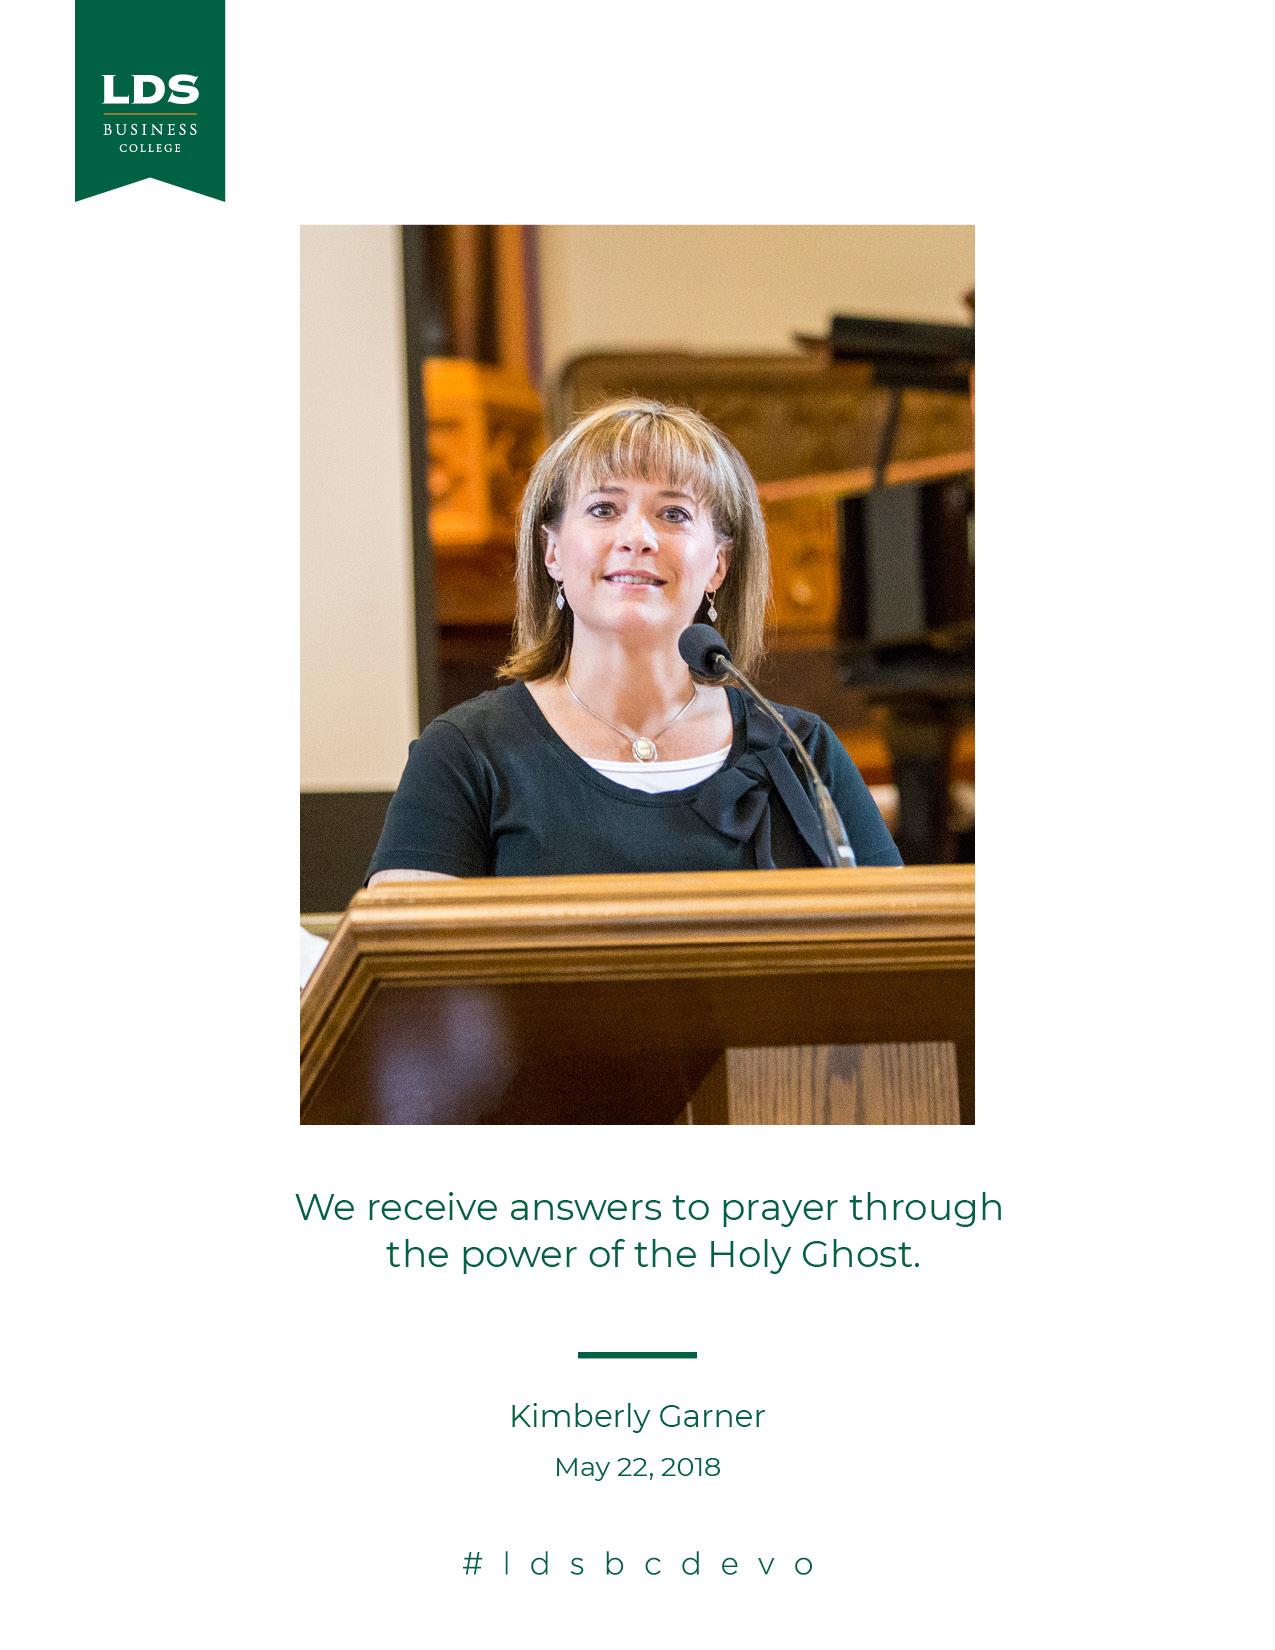 Kimberly Garner quote